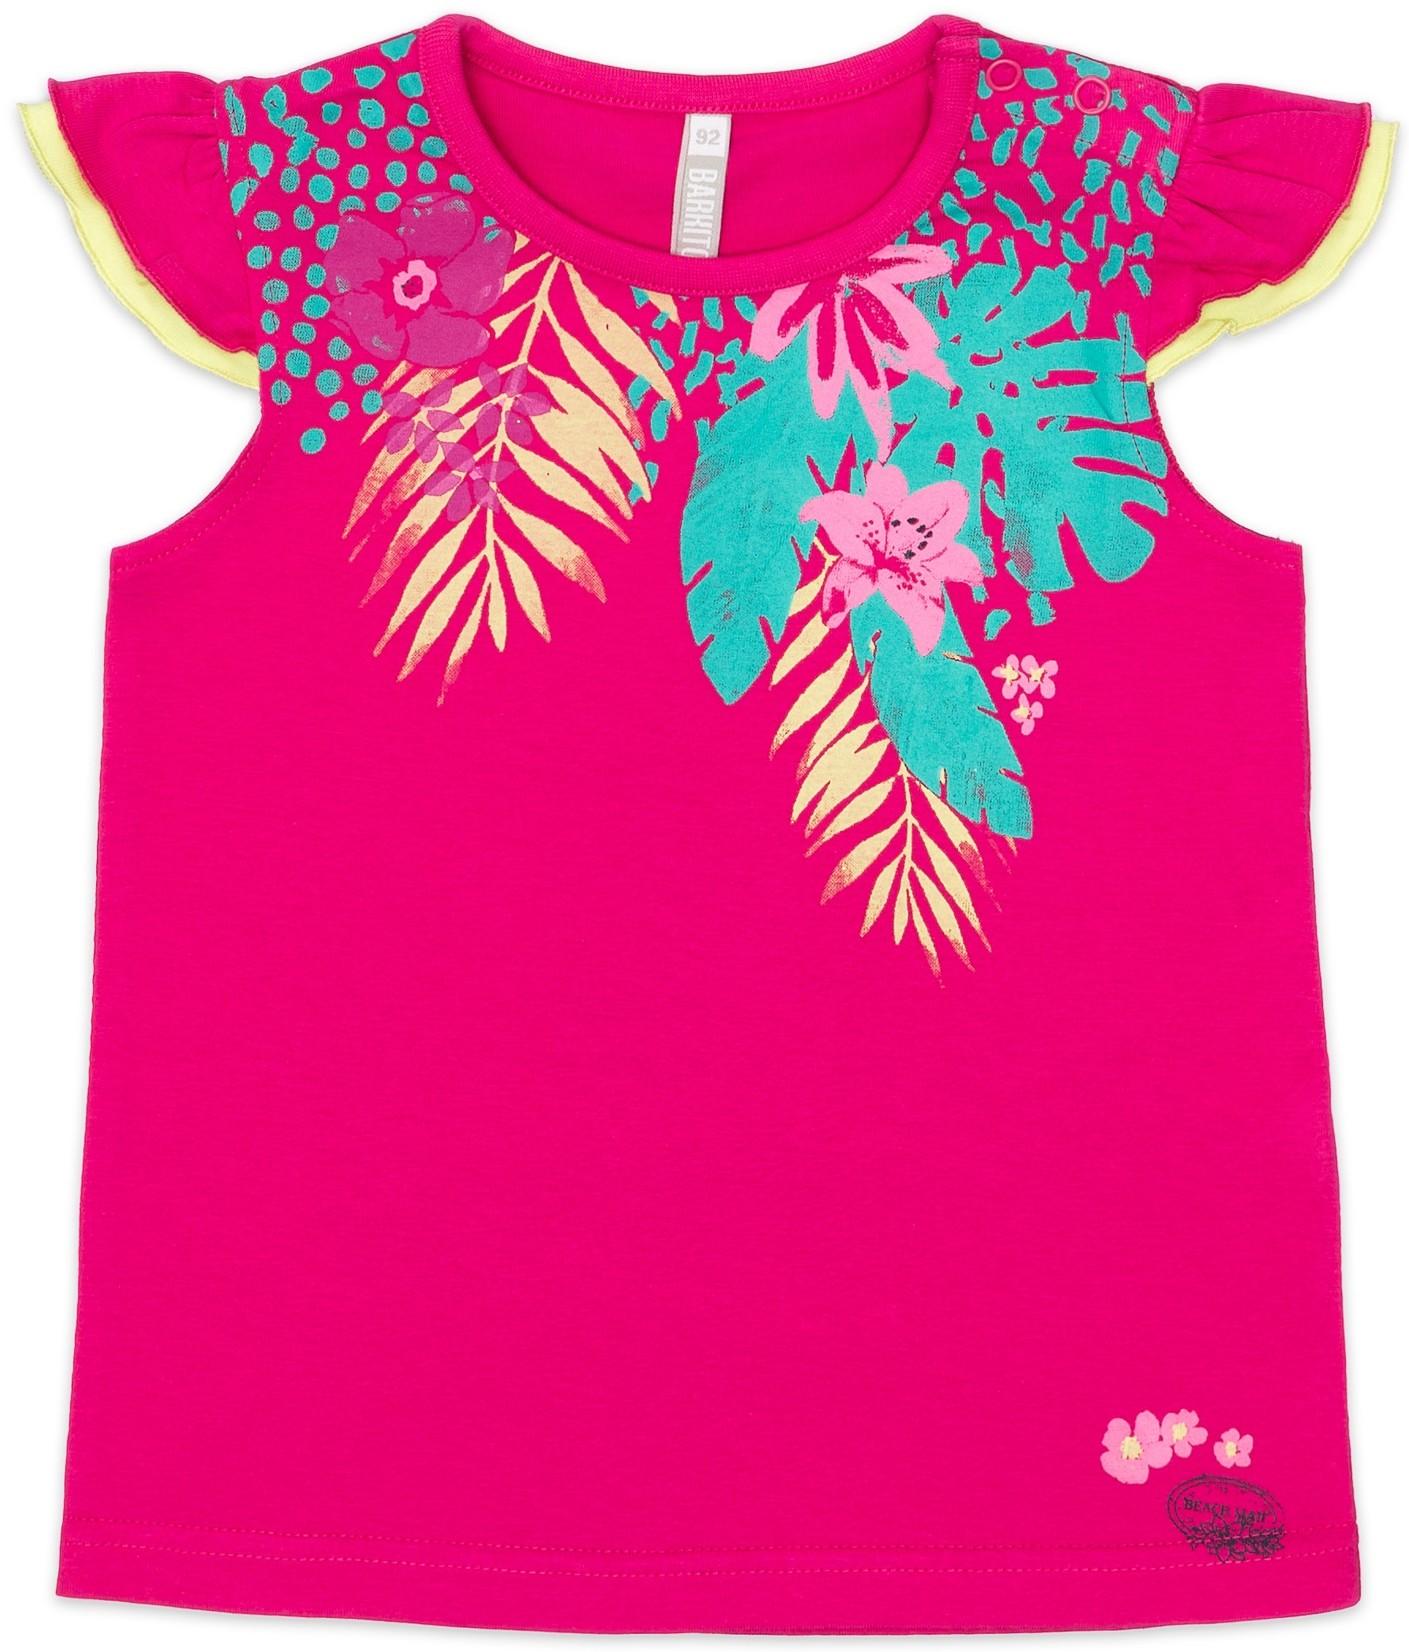 Футболки и топы Barkito Футболка с коротким рукавом для девочки Barkito, Алоха Гавайи!, темно-розовая топы и футболки